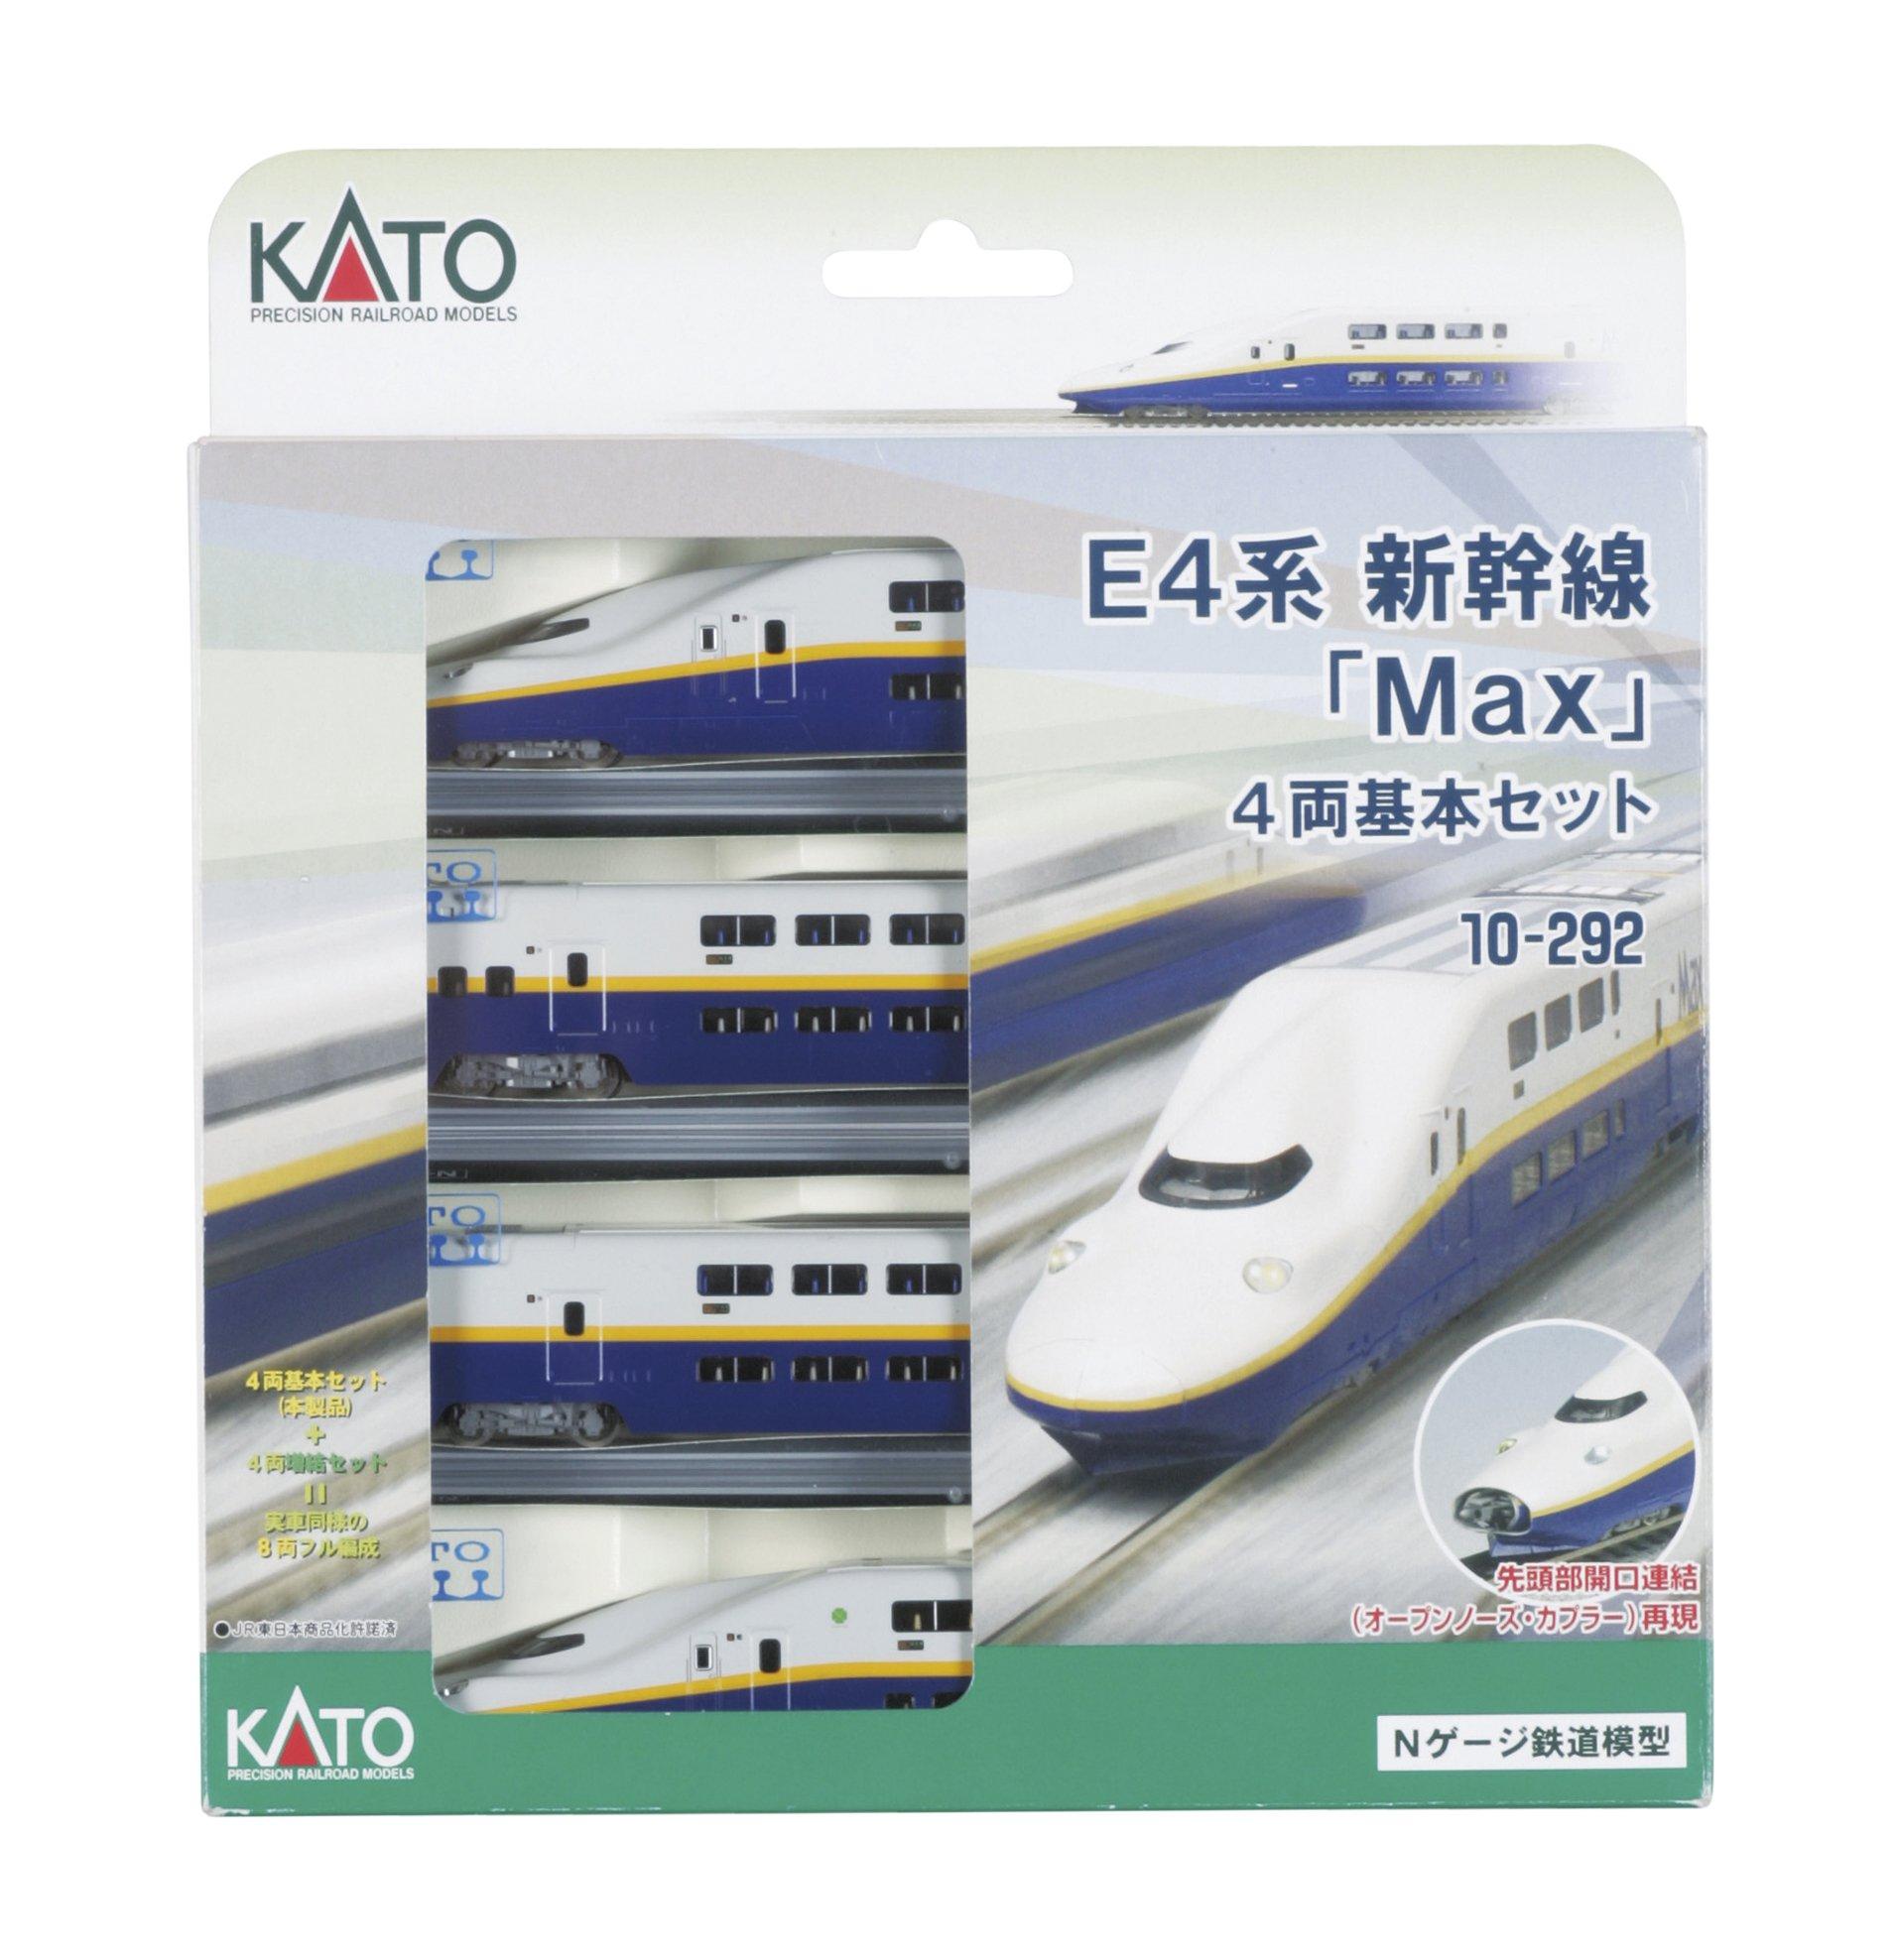 Kato 10-292 E4 Max 4 Car Set